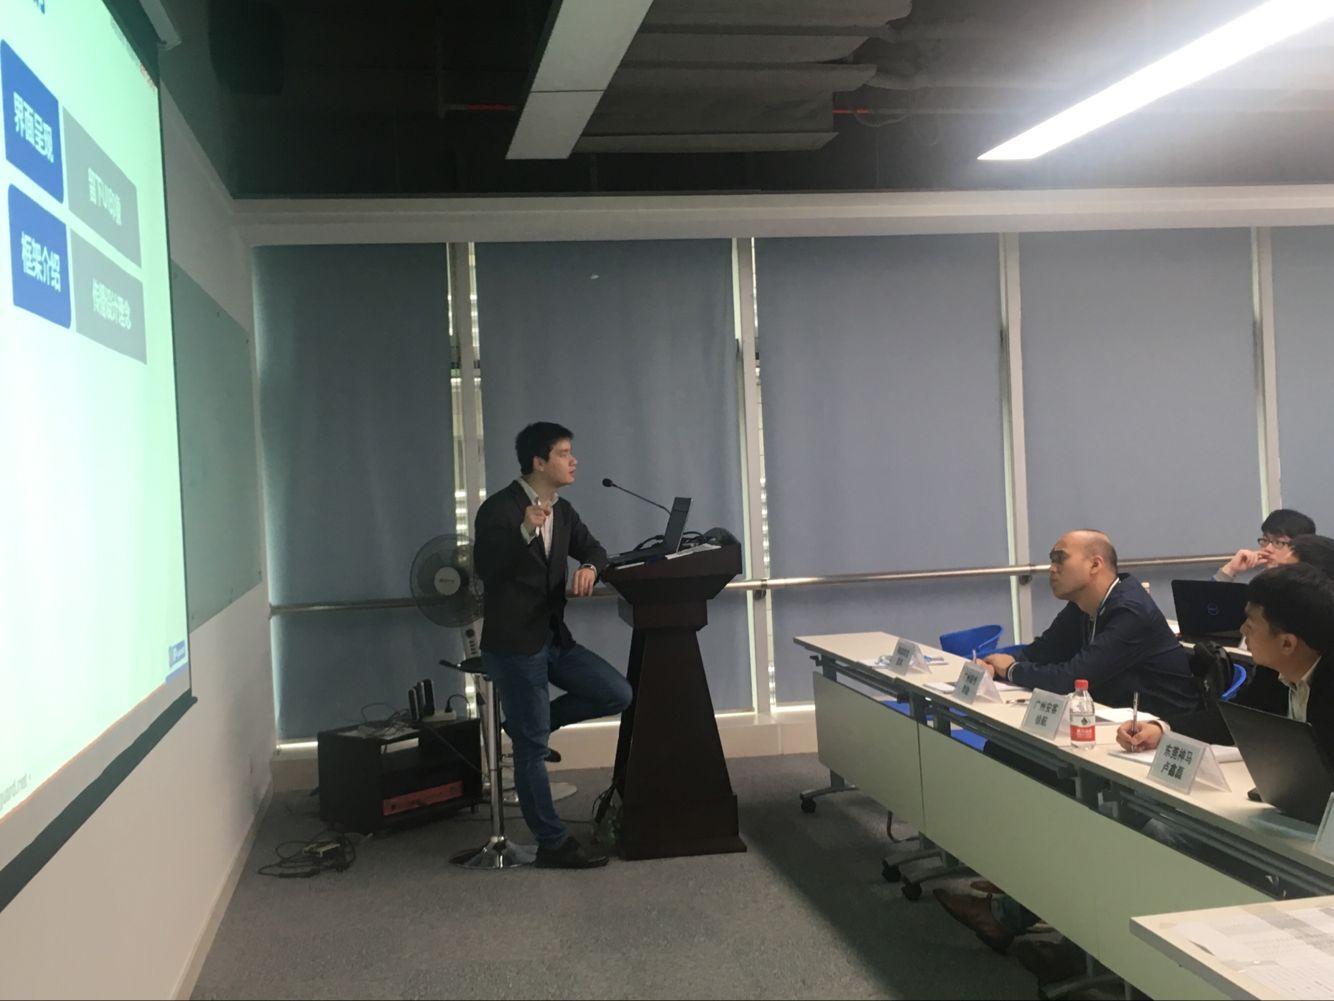 总部培训会场:学员认真听课 讲师解读IP-guard模块功能